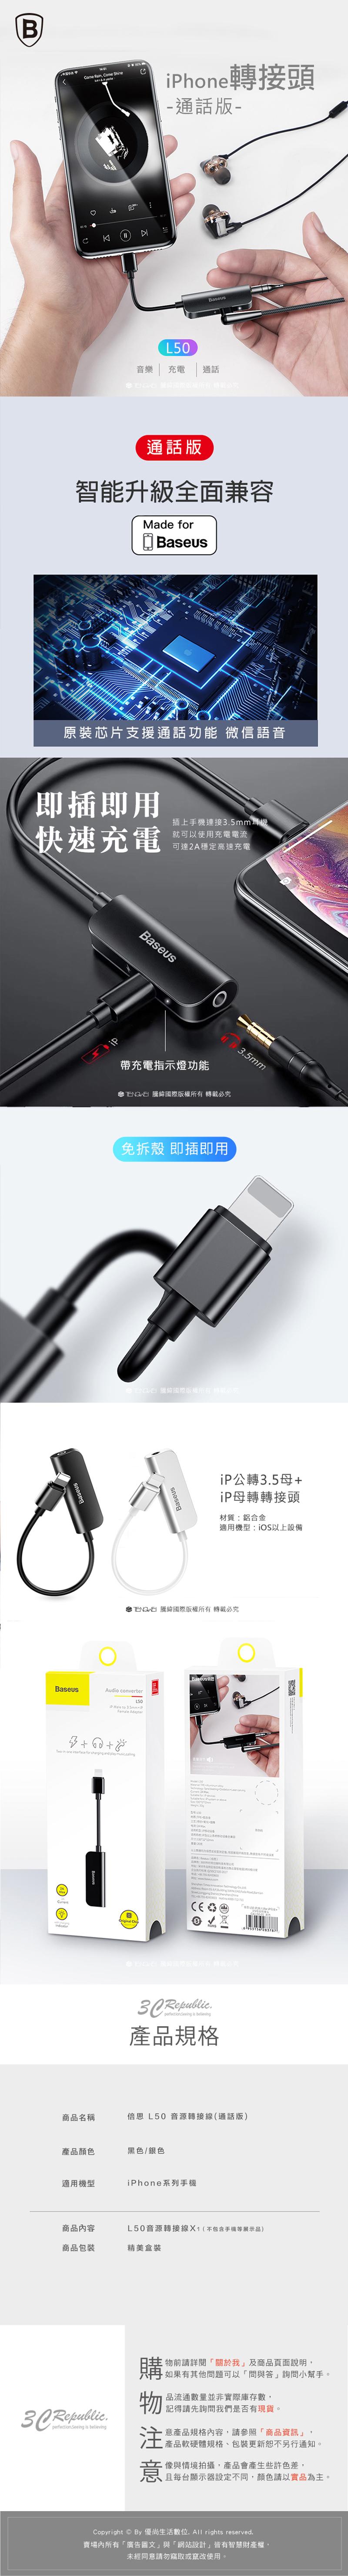 倍思 L50 iOS iPhone X XR MAX 原廠晶片 支援 通話 音樂 2A 快充 充電 音源 轉接線 轉接頭